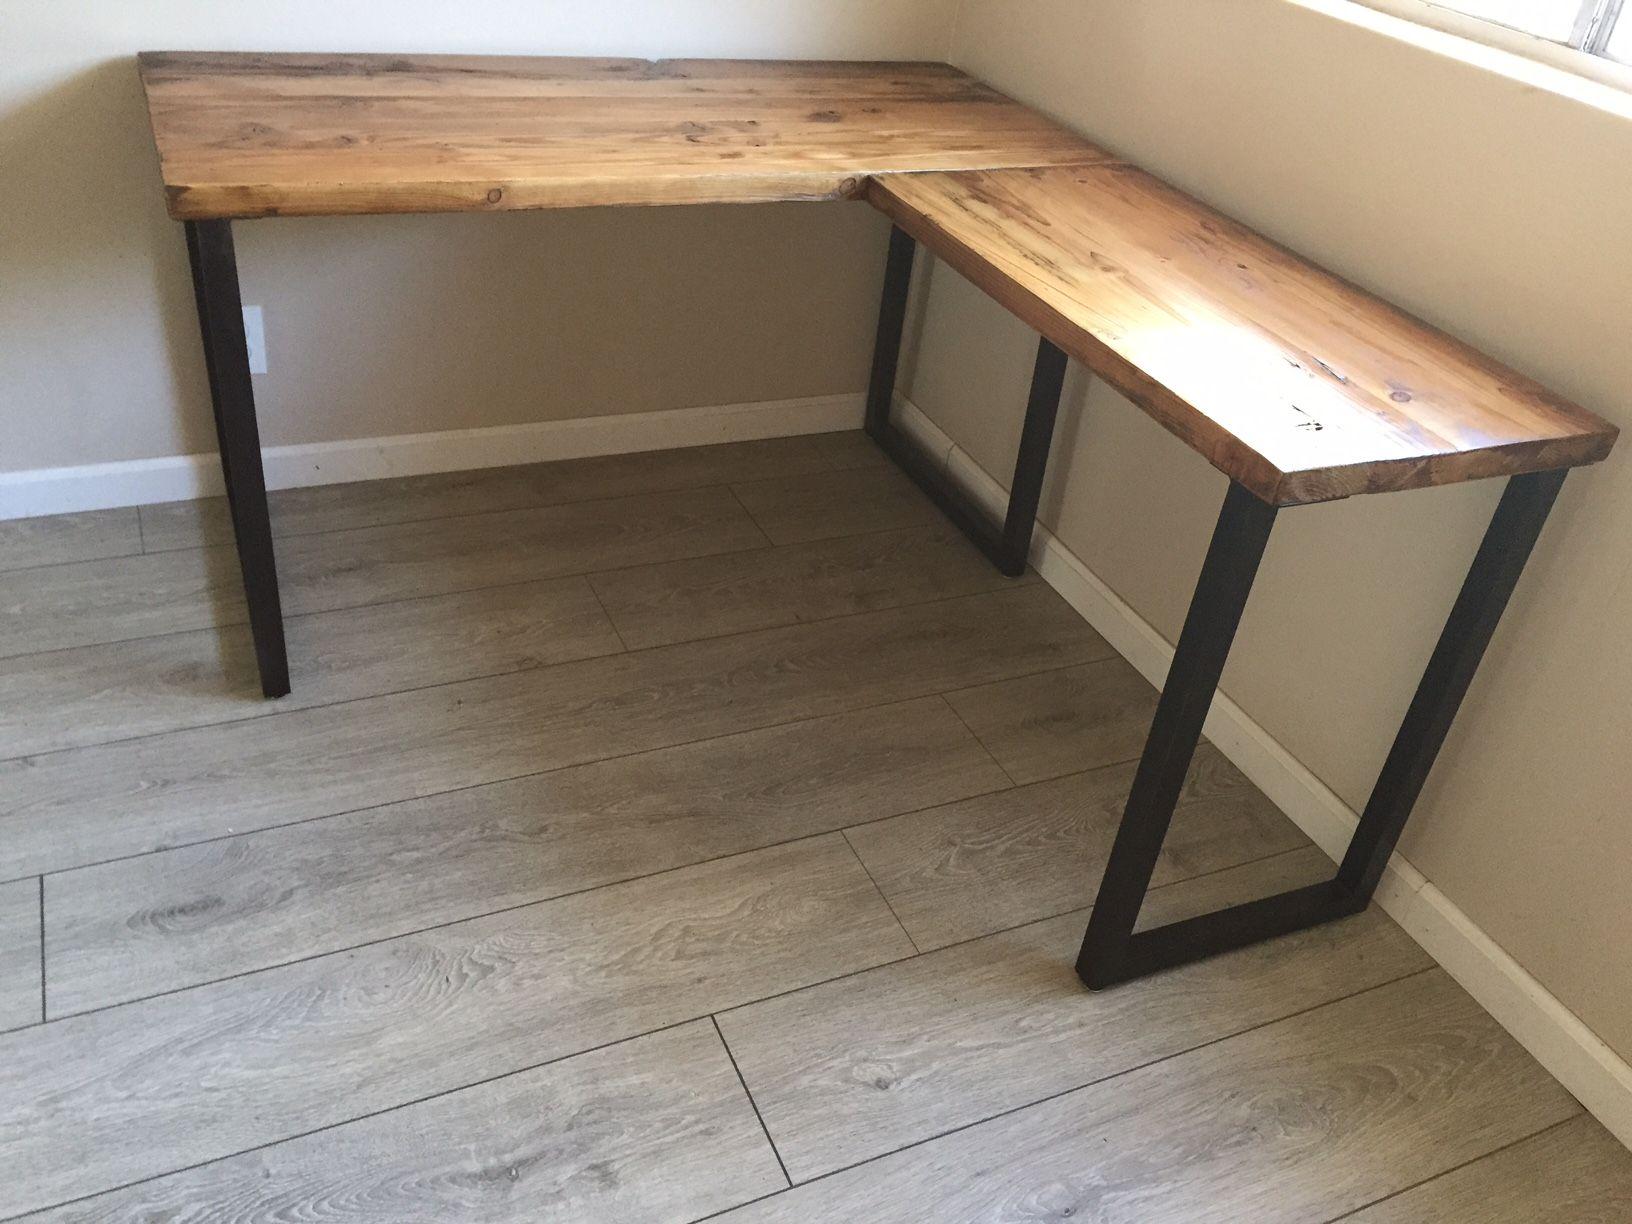 L Desk Corner Desk Reclaimed Wood Metal Base Reclaimed Wood Desk Wooden Corner Desk Diy Corner Desk Solid wood l shaped desks